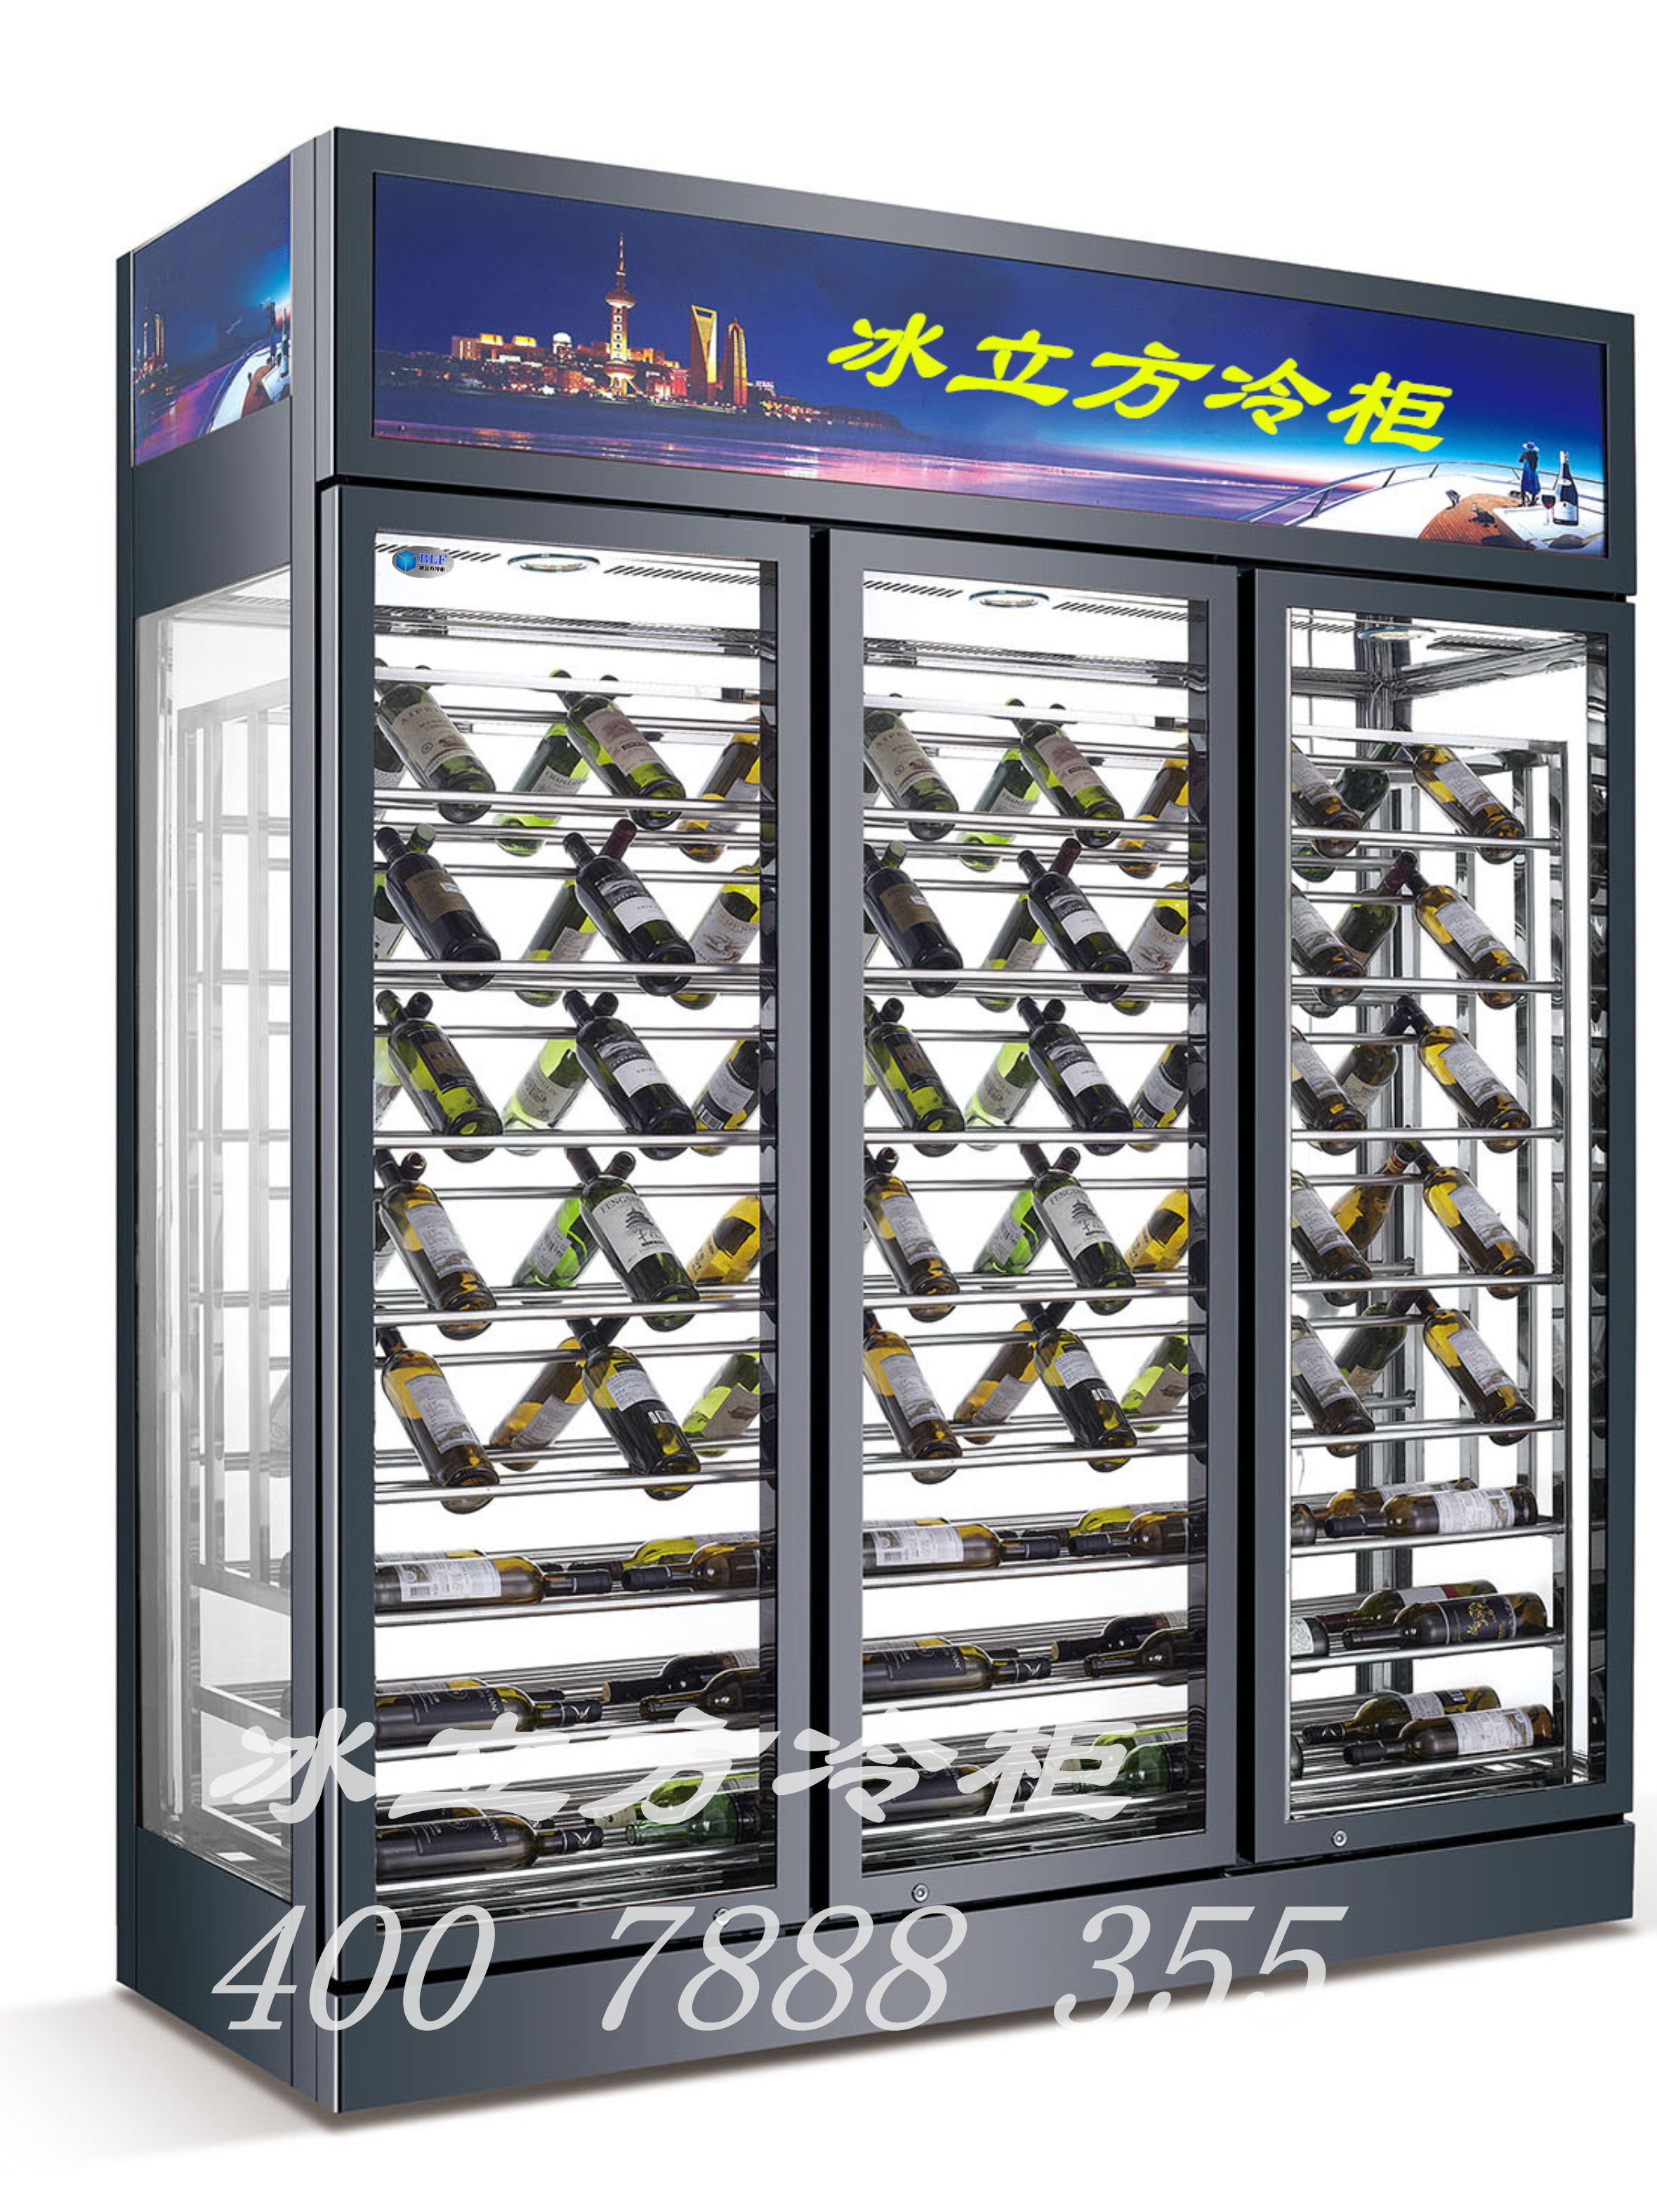 三开门四面透明玻璃顶置压缩机红酒柜_深圳市冰立方.